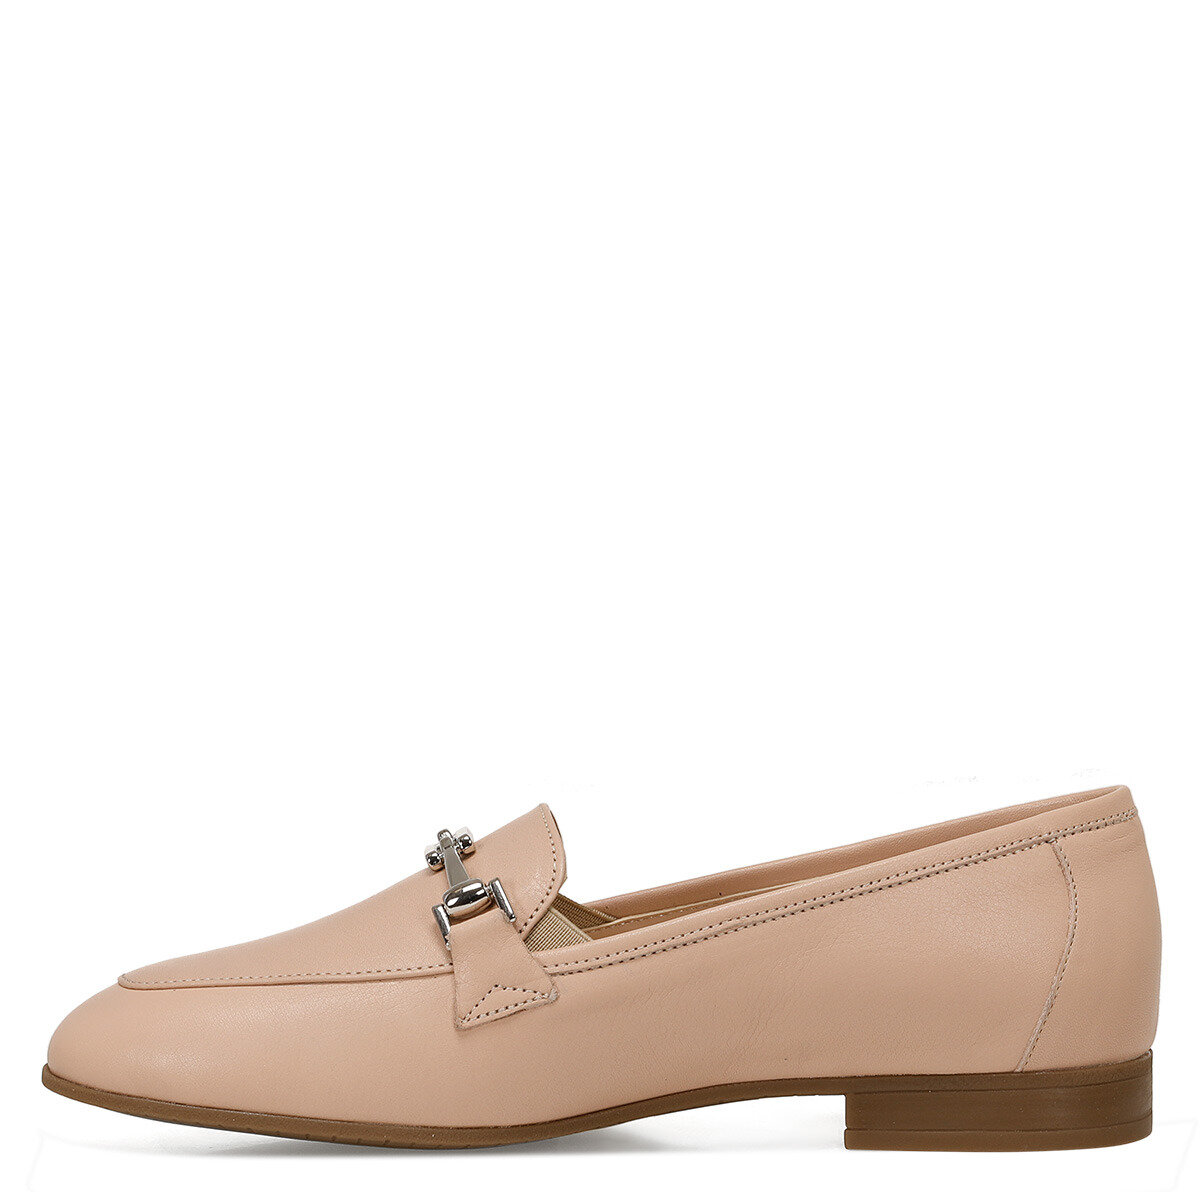 YEMA Naturel Kadın Loafer Ayakkabı